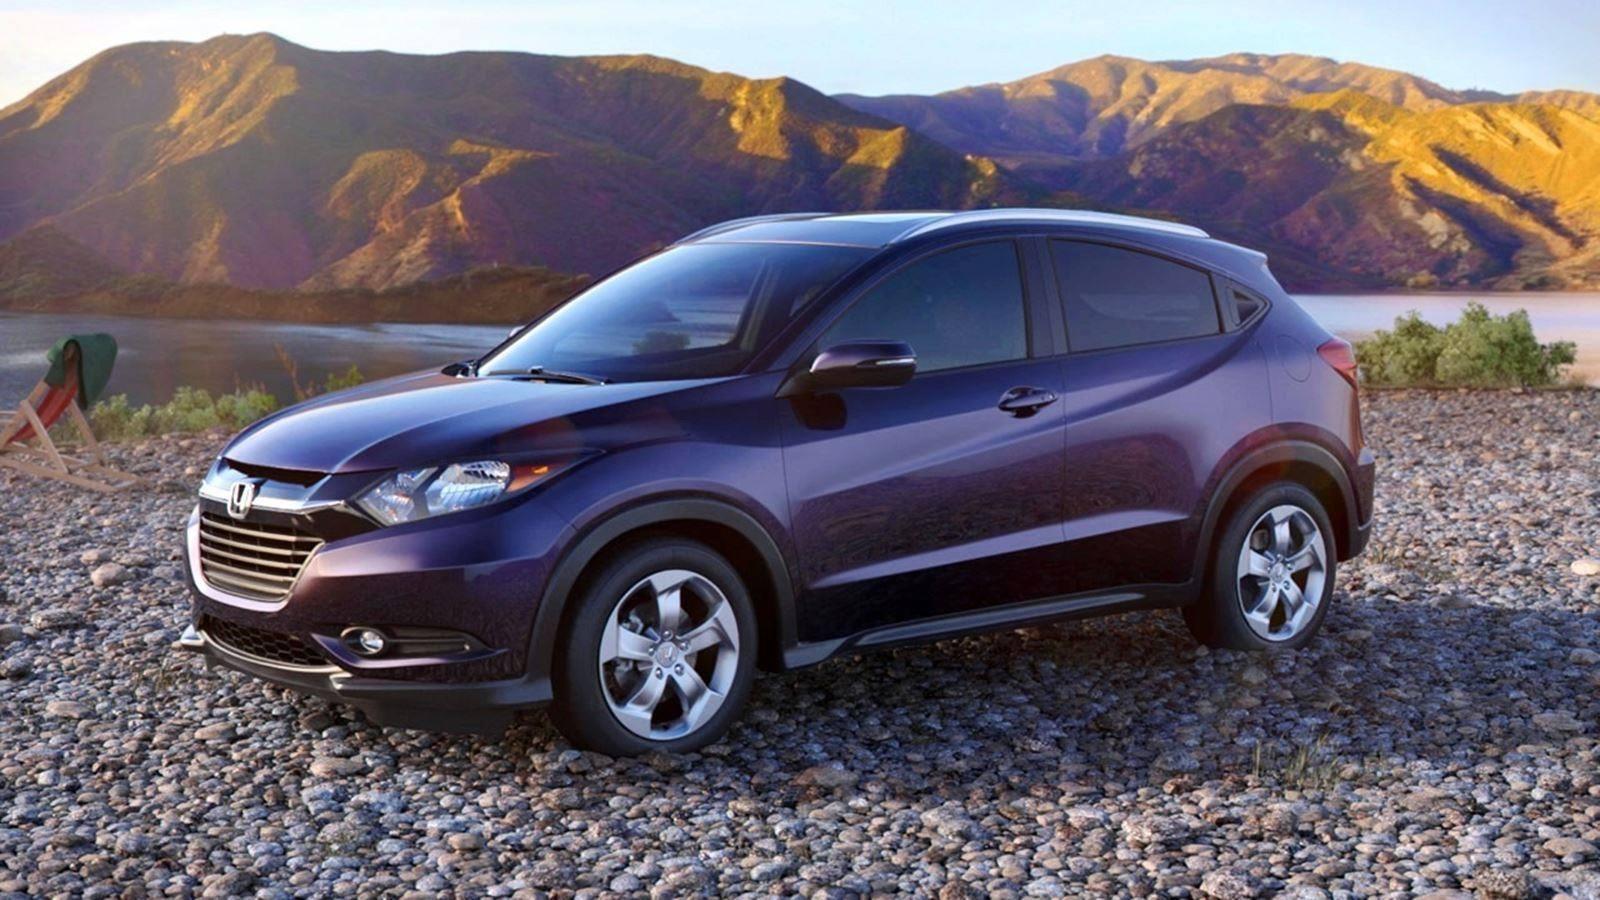 2016 Honda HR-V - Mulberry Metallic (CVT only) 23